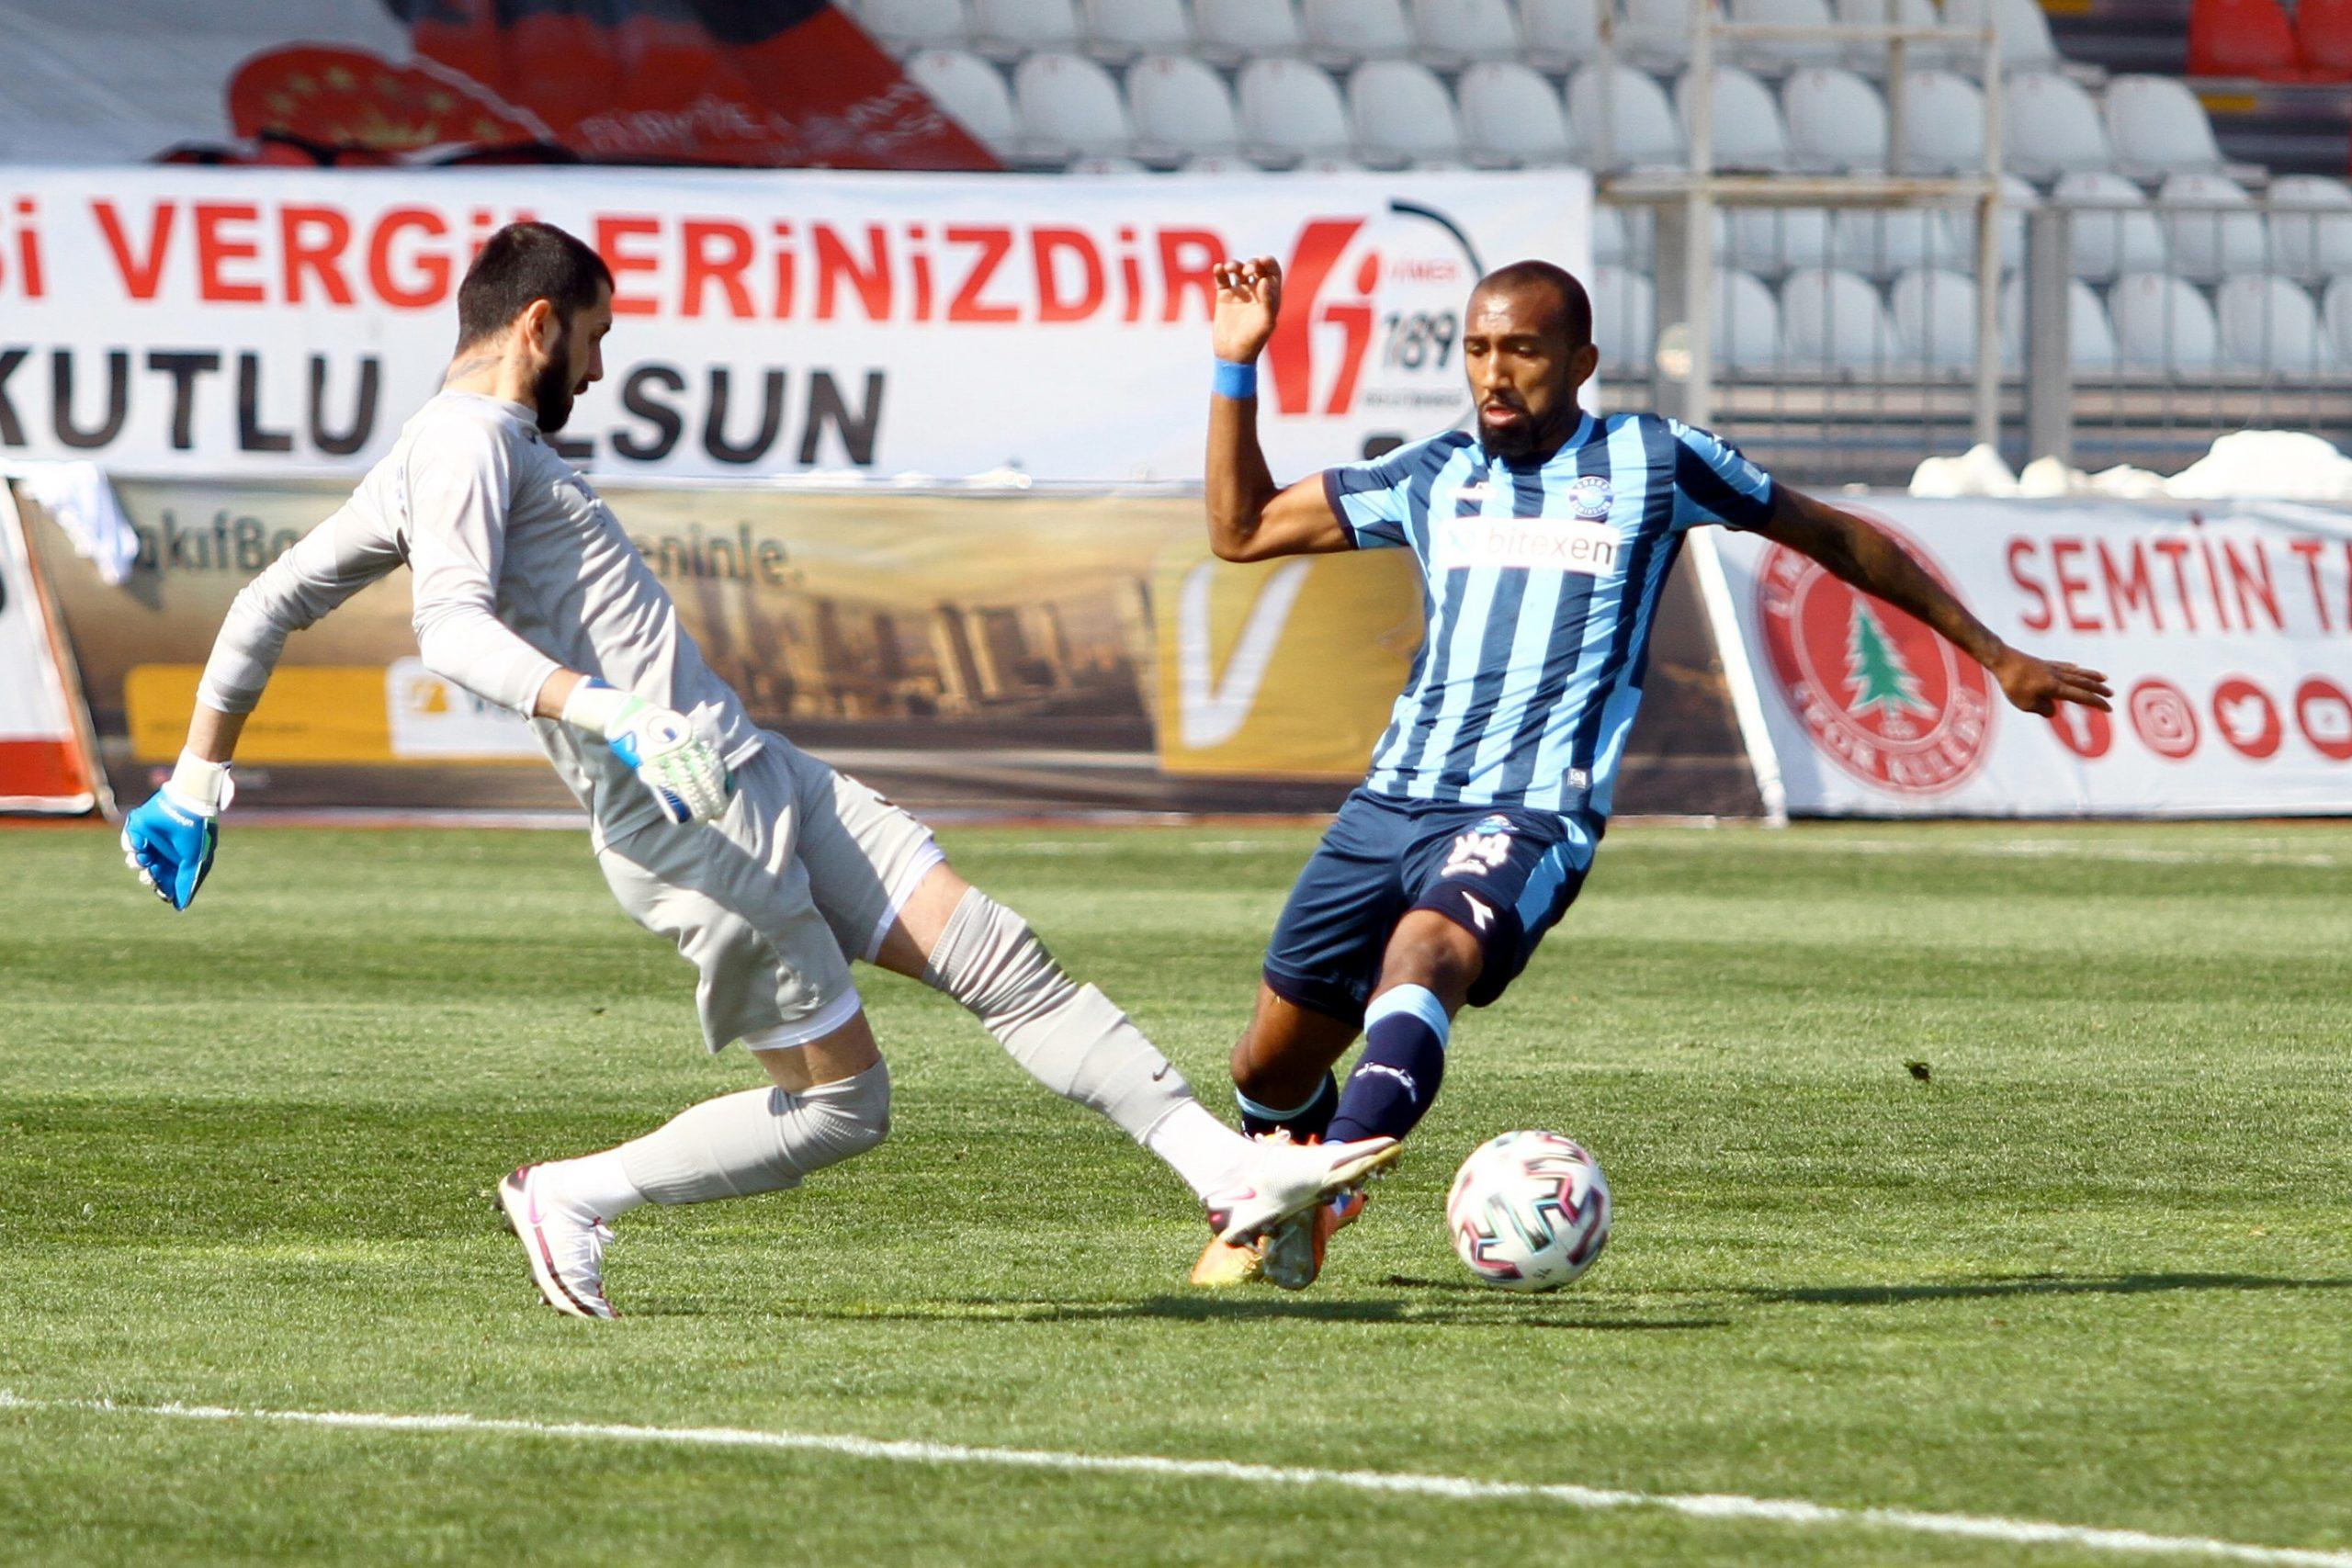 ŞİMŞEK'TE KAYIP SÜRÜYOR: 0-0